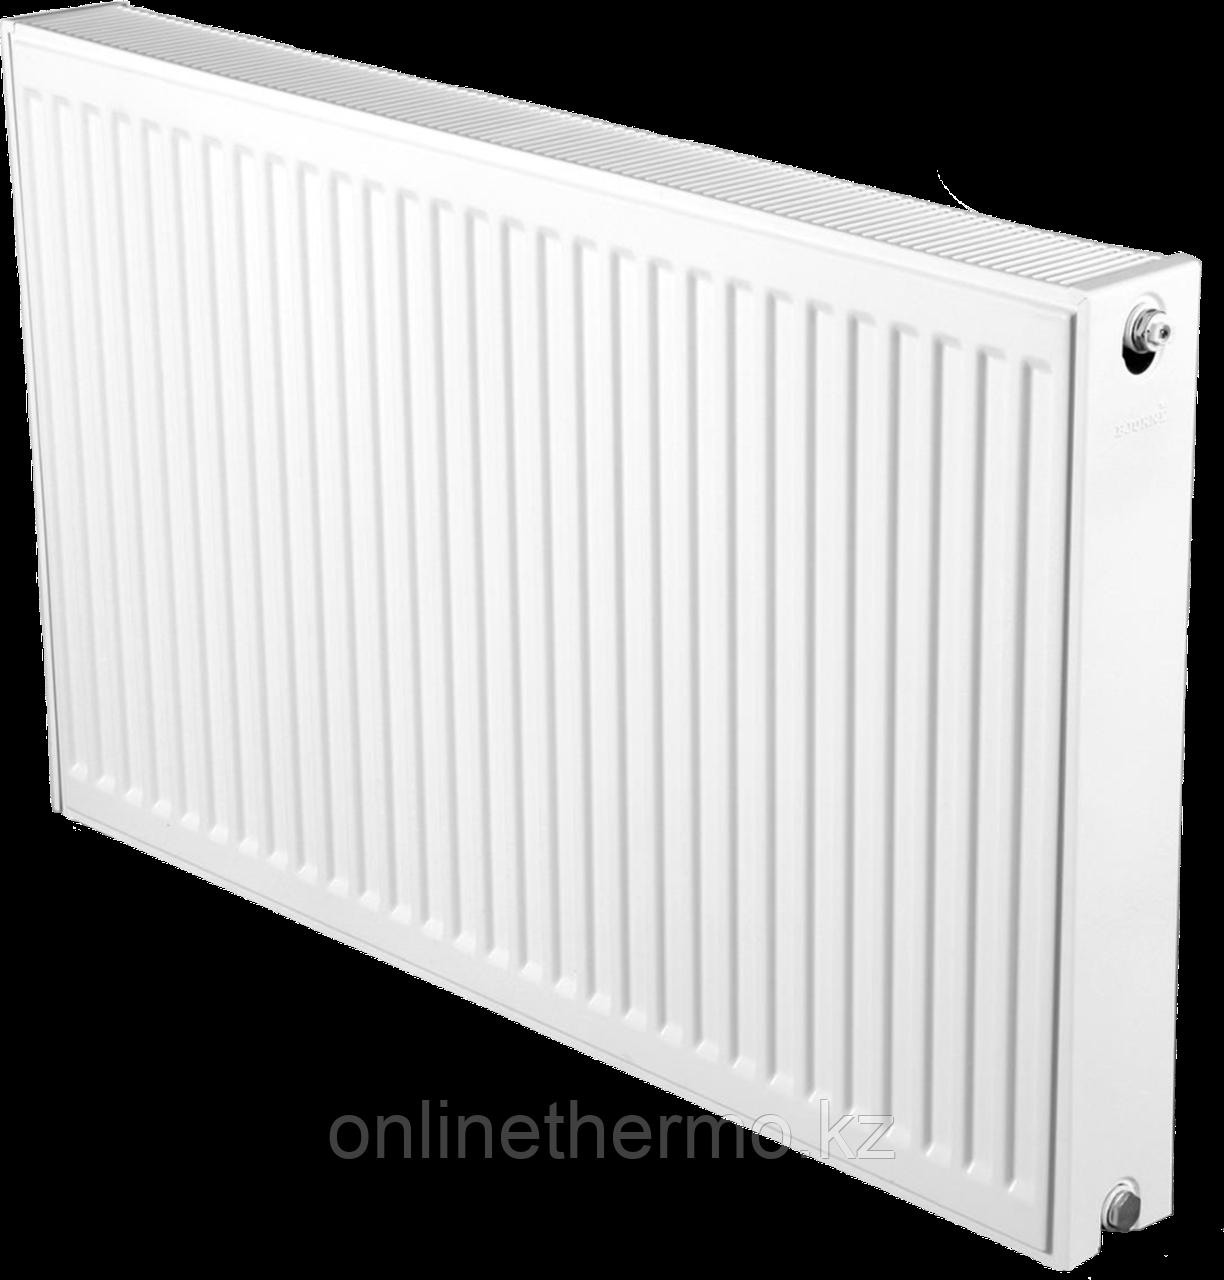 Радиатор стальной тип 22K H500мм*L1200мм панельный Bjorne боковое подключение - фото 1